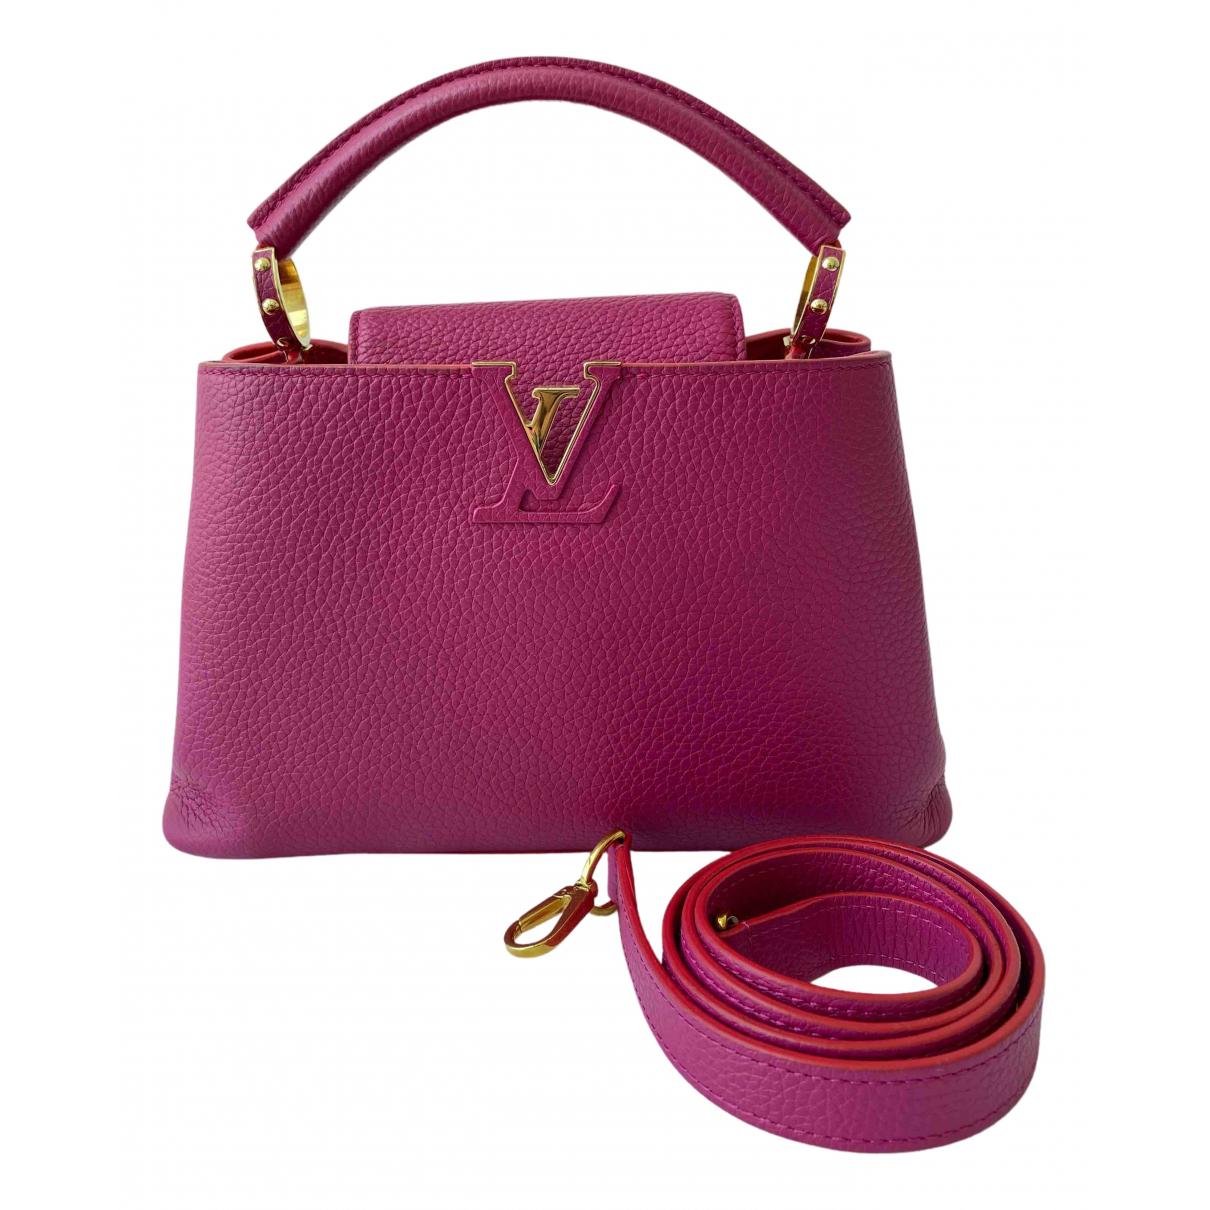 Louis Vuitton - Sac a main Capucines pour femme en cuir - rose